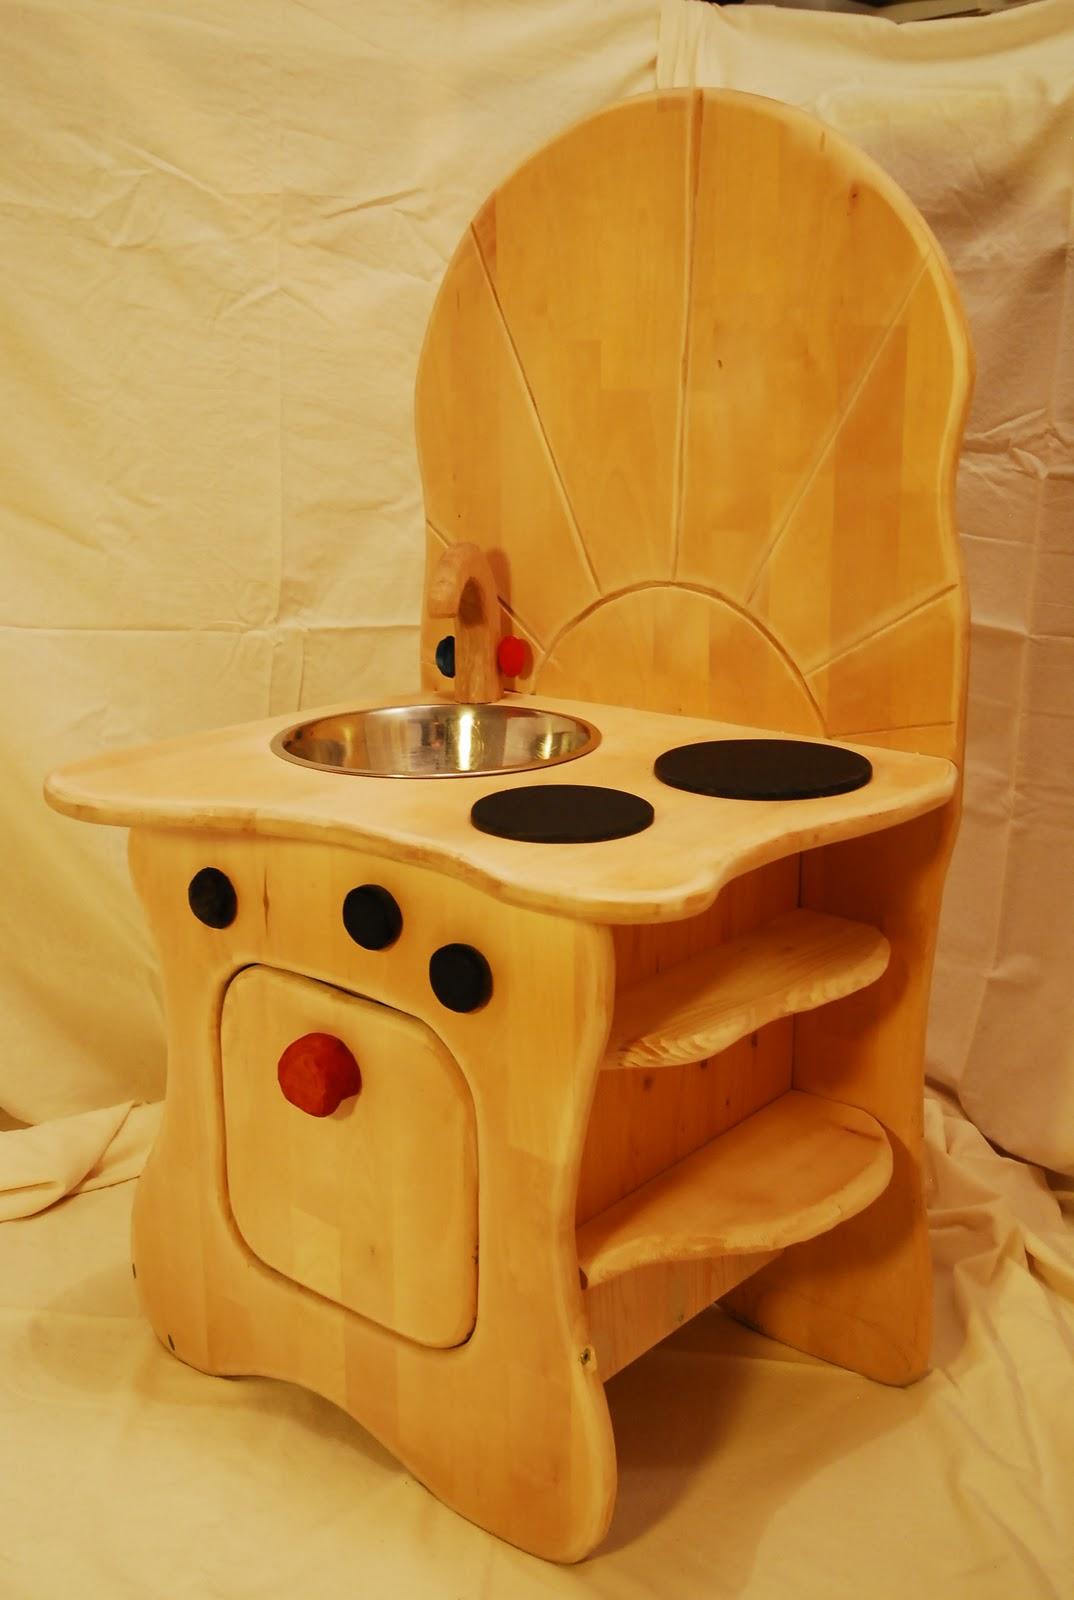 kinderk chen aus holz takatukabau. Black Bedroom Furniture Sets. Home Design Ideas